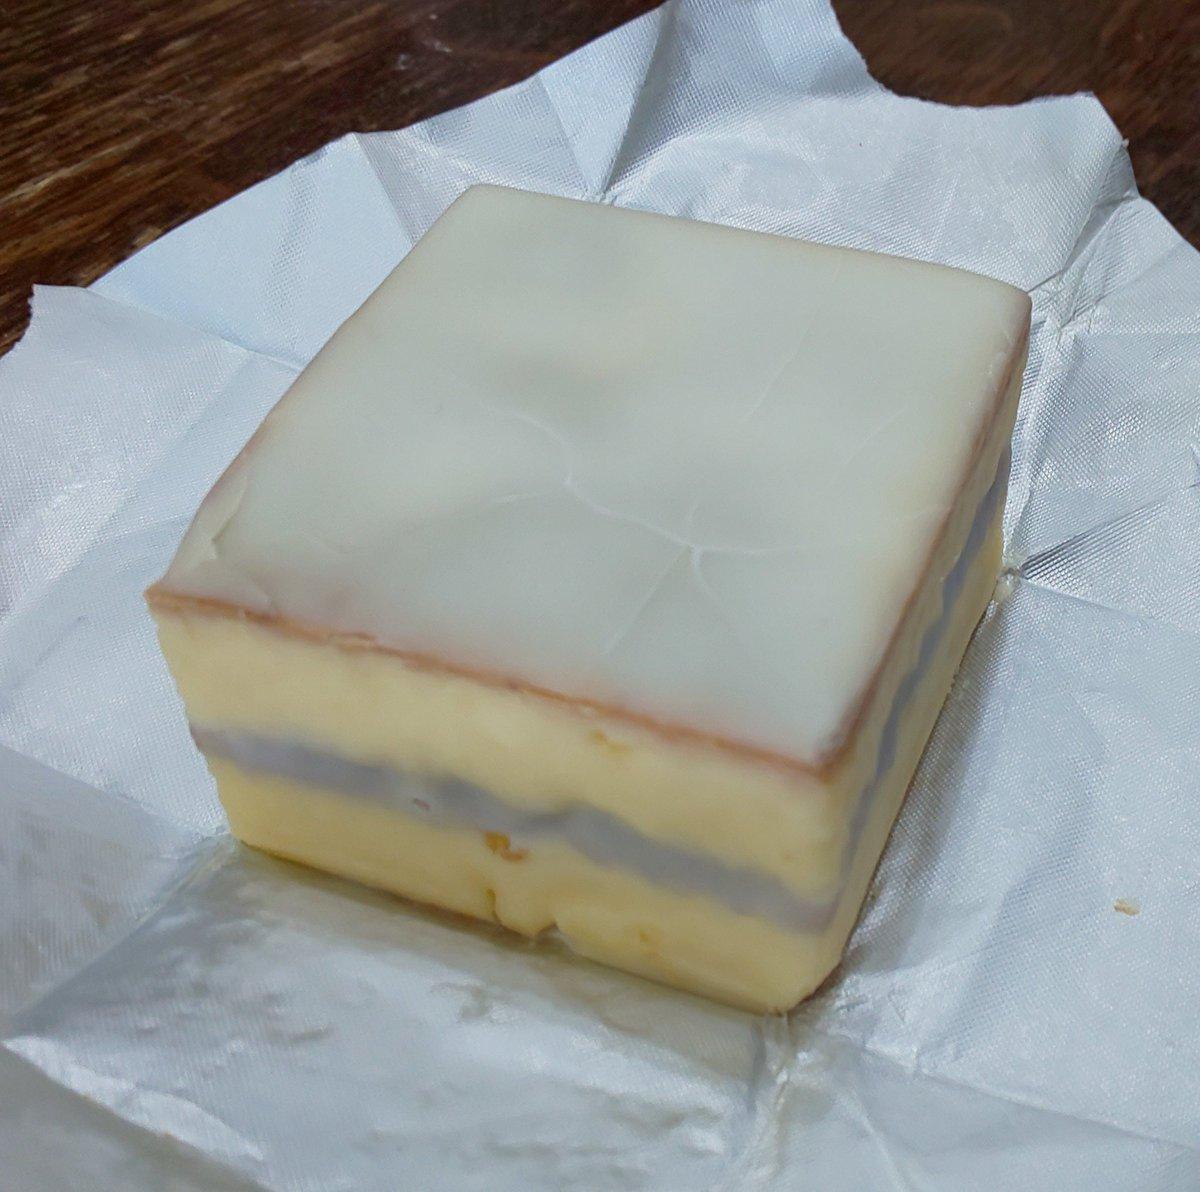 test ツイッターメディア - いただきものが重なってうれしいのが鈴屋のデラックスケーキ。レモンケーキも食べたいけれど…自力で買うか… https://t.co/l0sspIBLxm